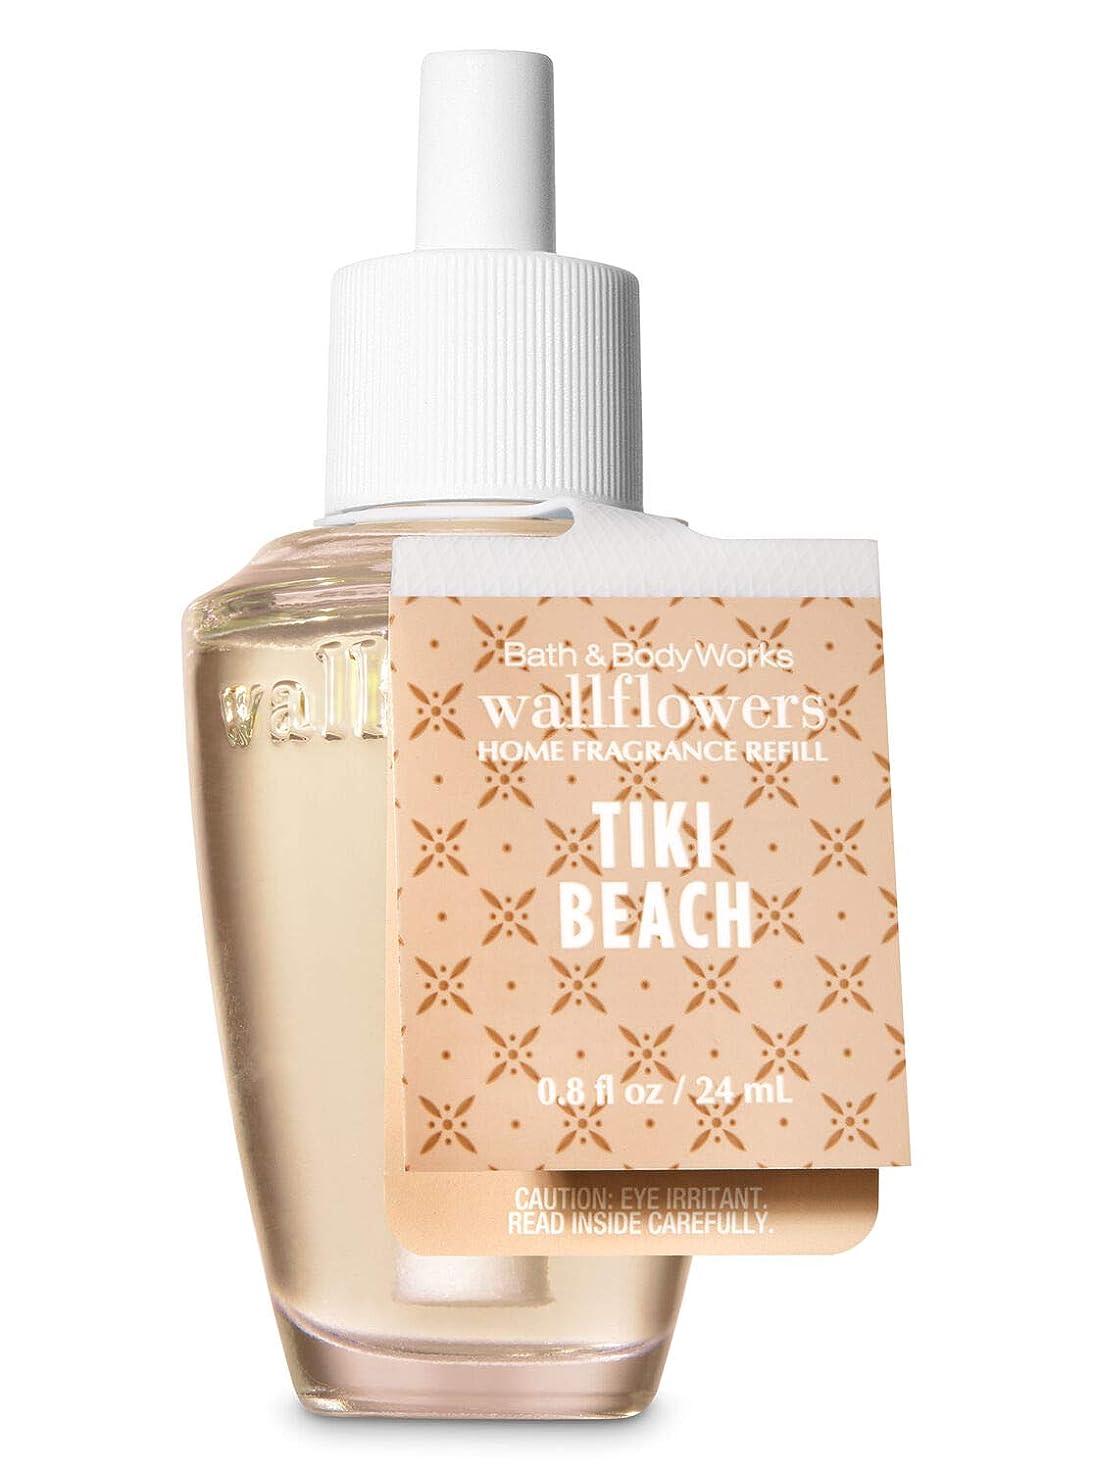 騒サミュエル民兵【Bath&Body Works/バス&ボディワークス】 ルームフレグランス 詰替えリフィル ティキビーチ Wallflowers Home Fragrance Refill Tiki Beach [並行輸入品]